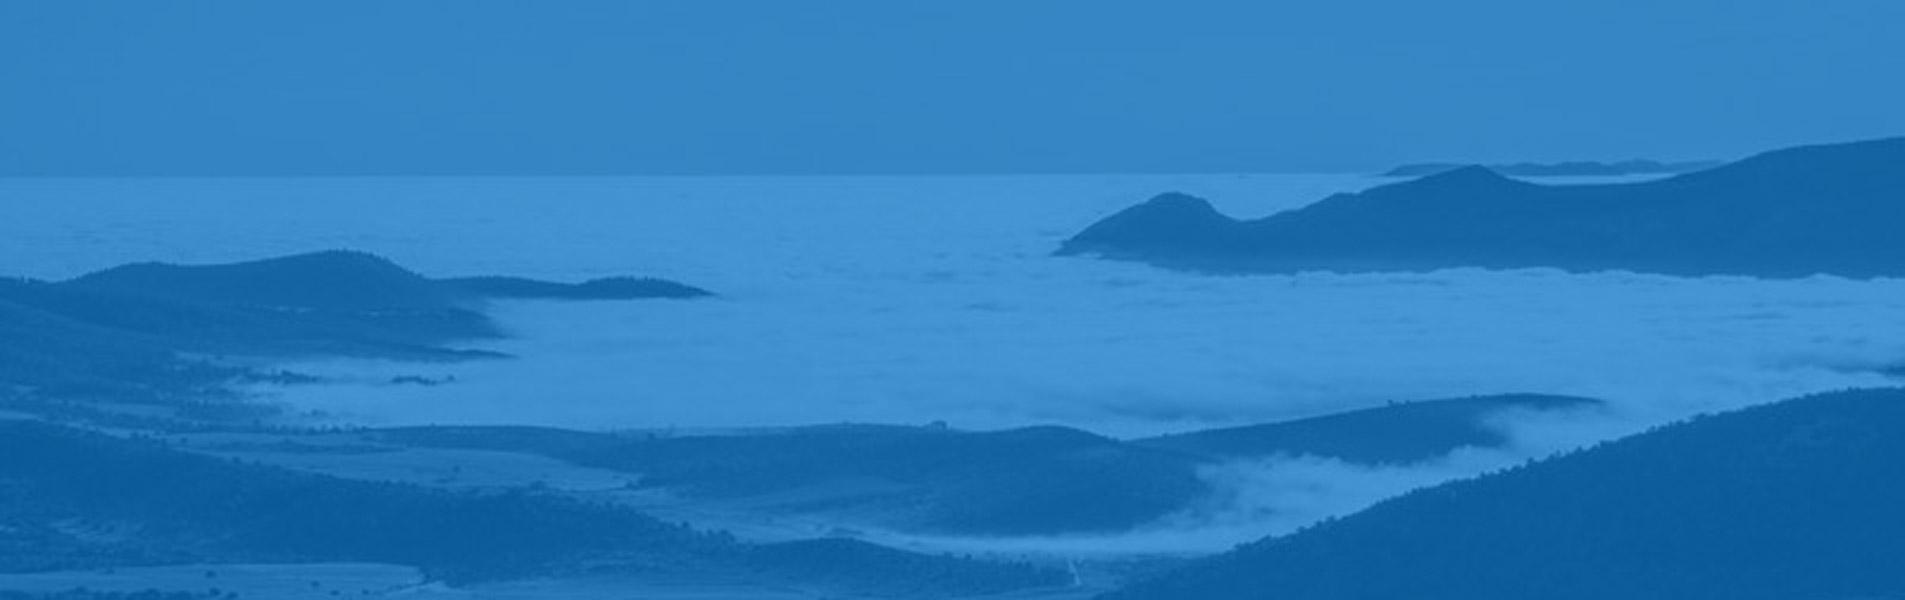 Nubes - Inazares - Maximum Revolcadores